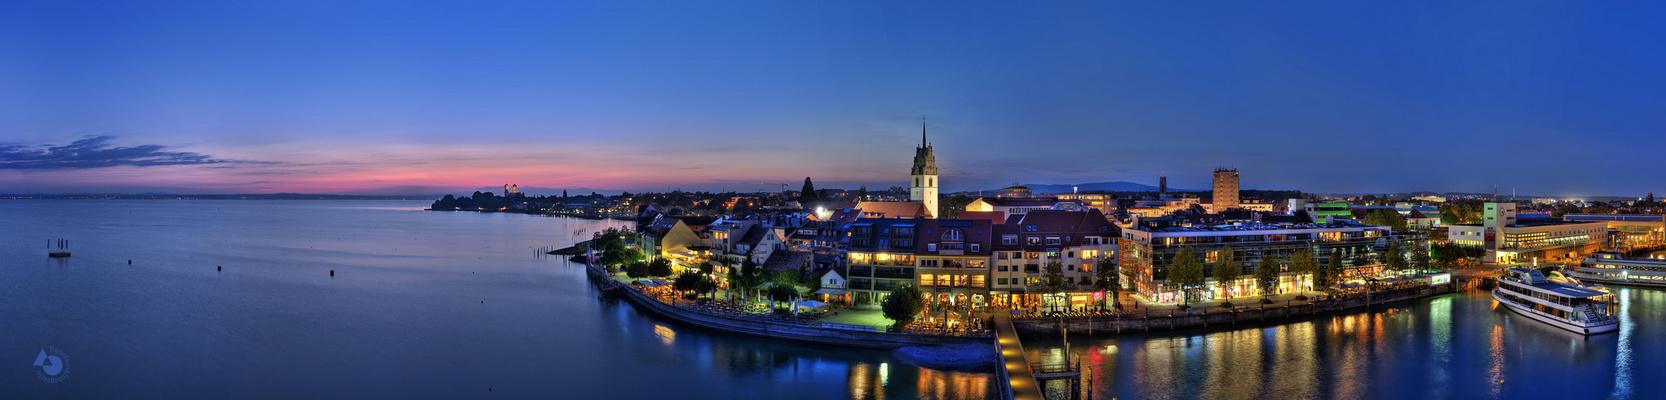 Friedrichshafen bei Nacht